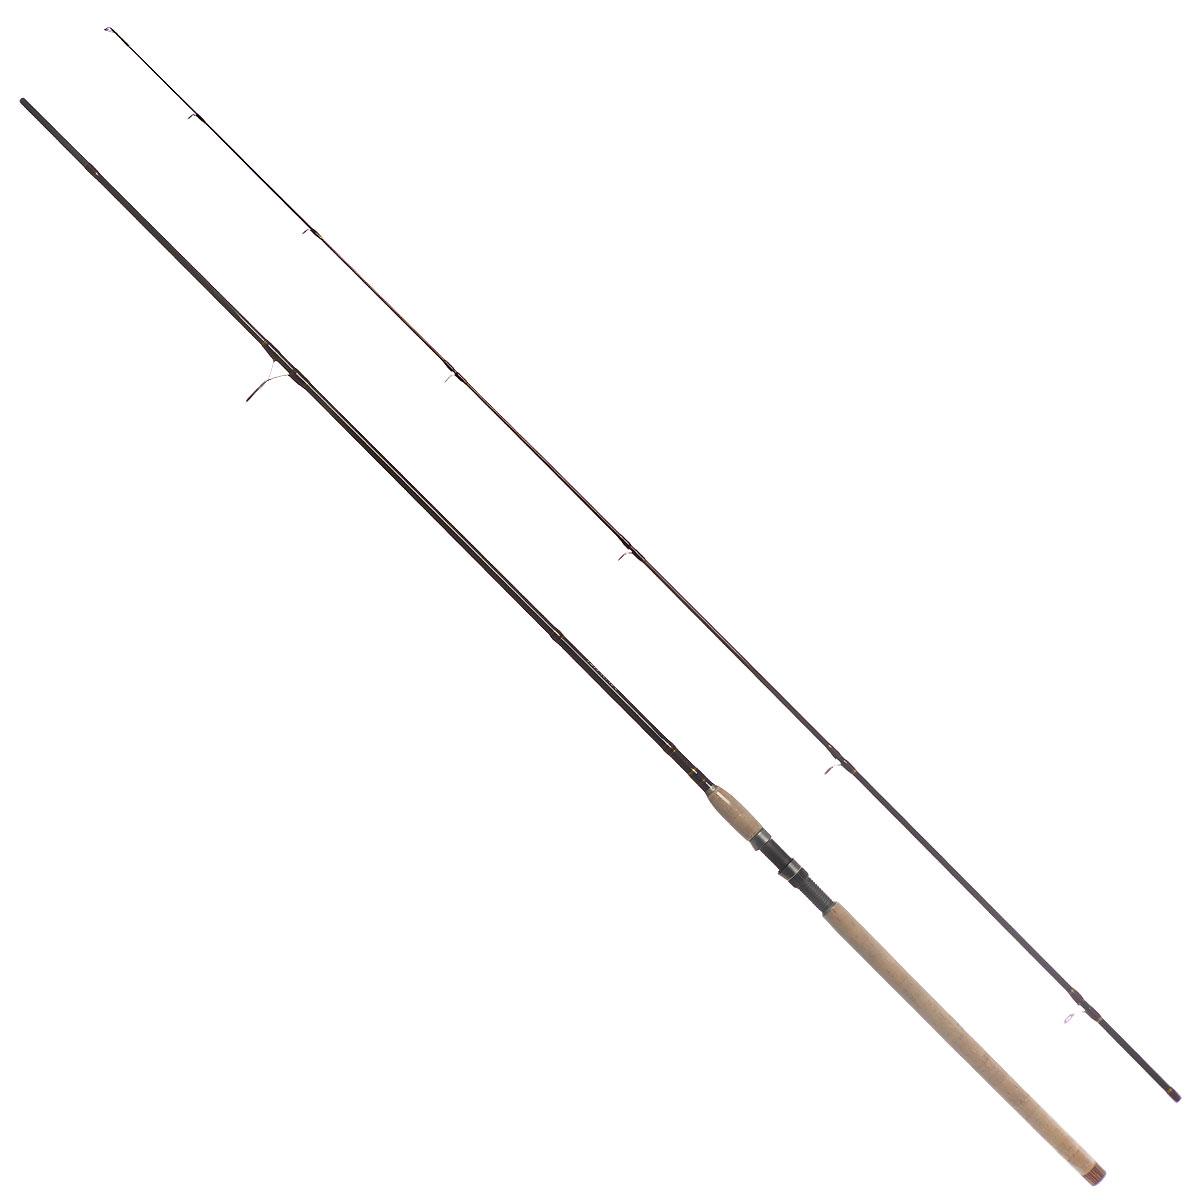 Удилище спиннинговое Daiwa New Exceler, штекерное, цвет: темно-коричневый, 2,4 м, 10-40 г